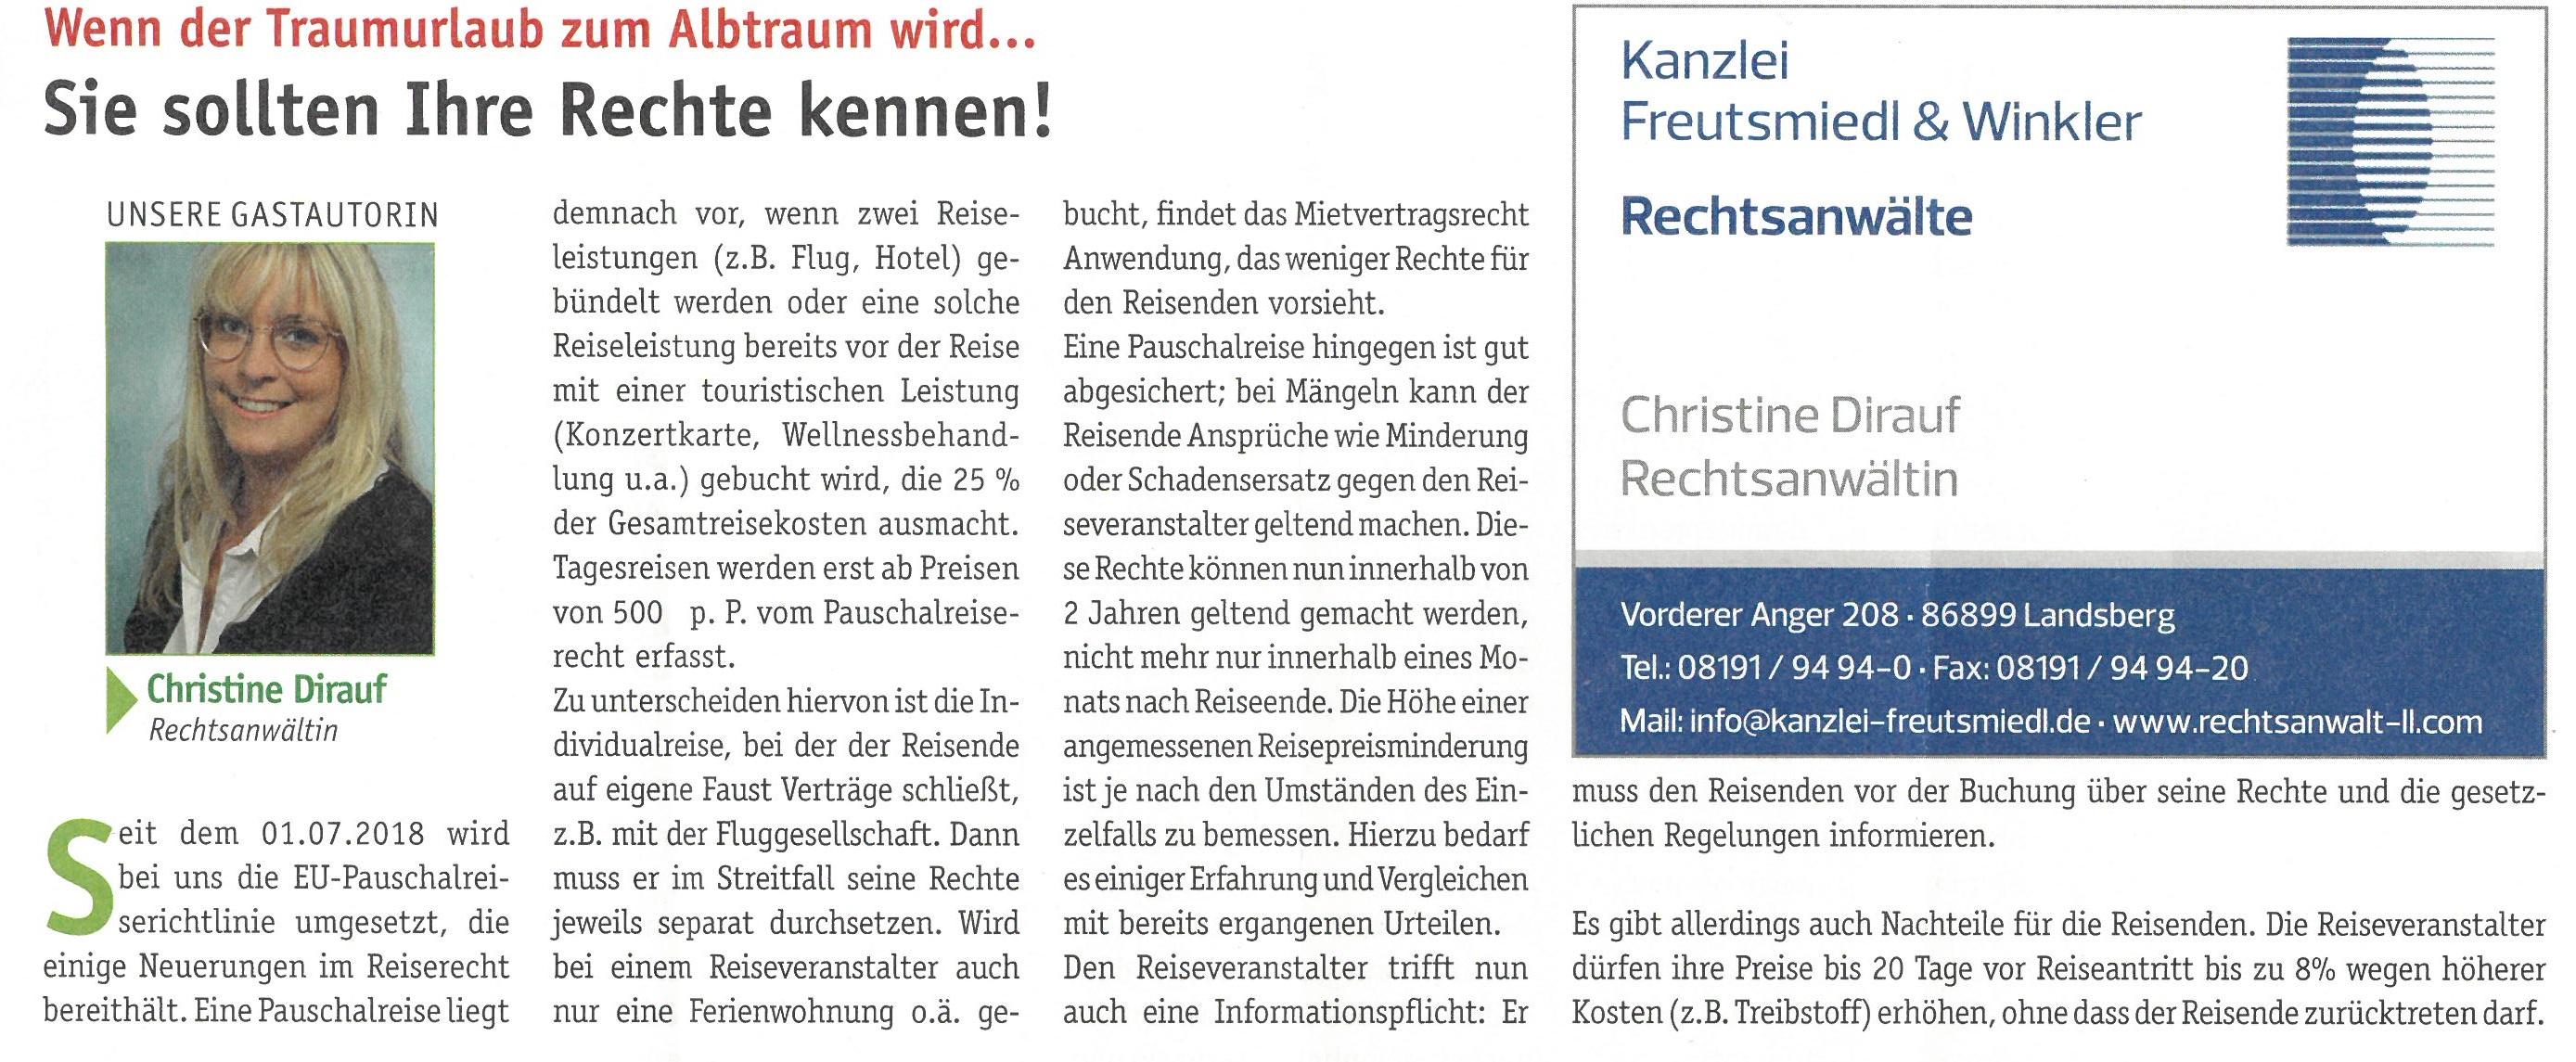 Landsberger Monatszeitung, 10/2018